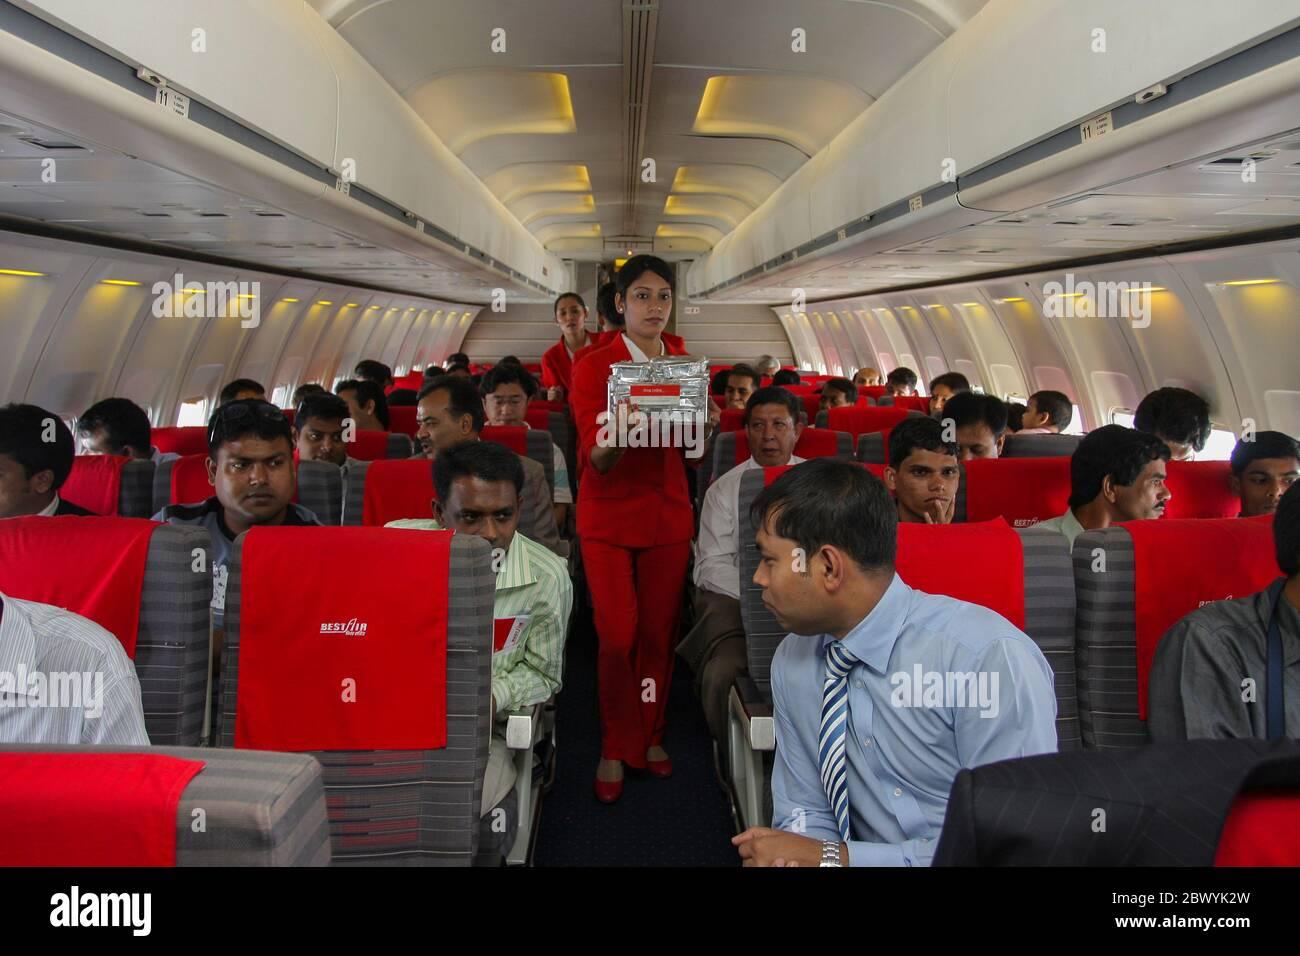 Un equipo de cabina que sirve comida en un avión de Best Airways. Bangladesh Foto de stock